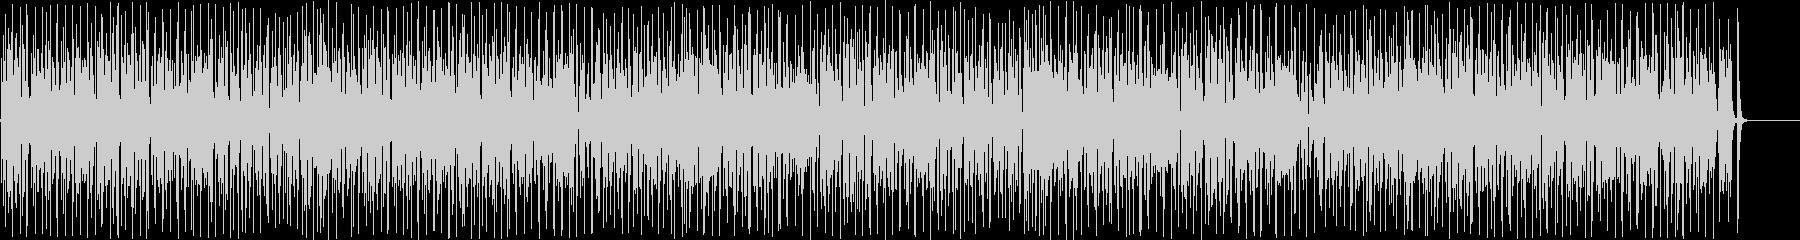 陽気で洗練されたジプシージャズの未再生の波形